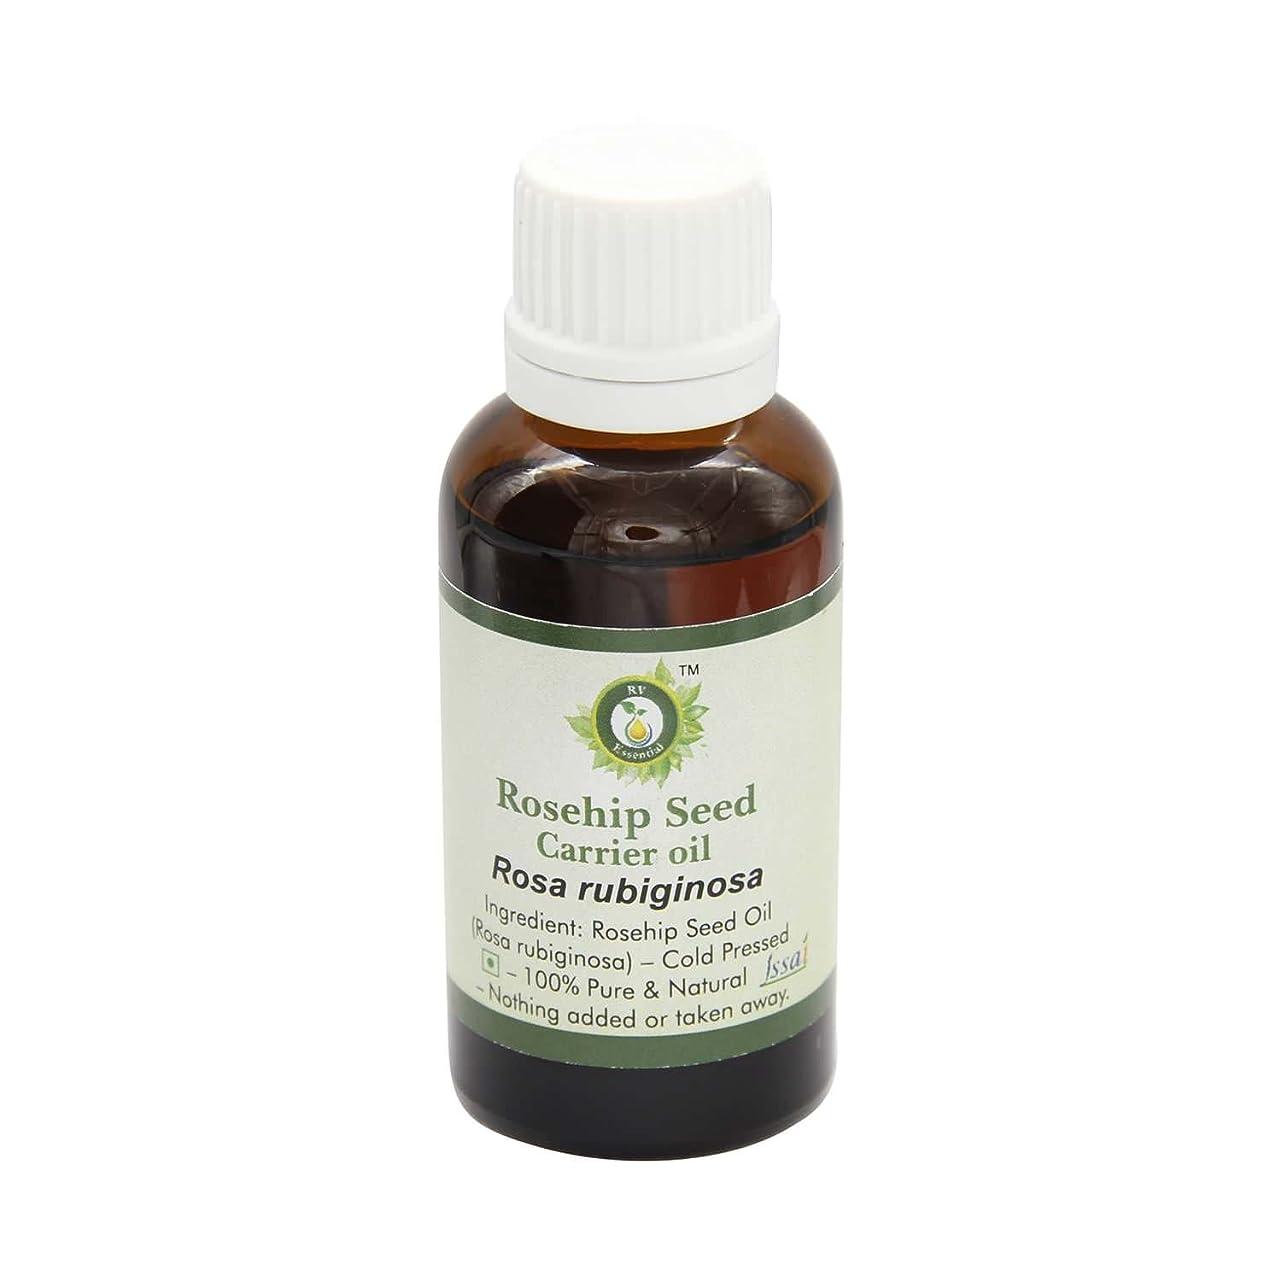 減らす大学クラシカルR V Essential ピュアローズヒップシードキャリアオイル100ml (3.38oz)- Rosa Rubiginosa (100%ピュア&ナチュラルコールドPressed) Pure Rosehip Seed Carrier Oil